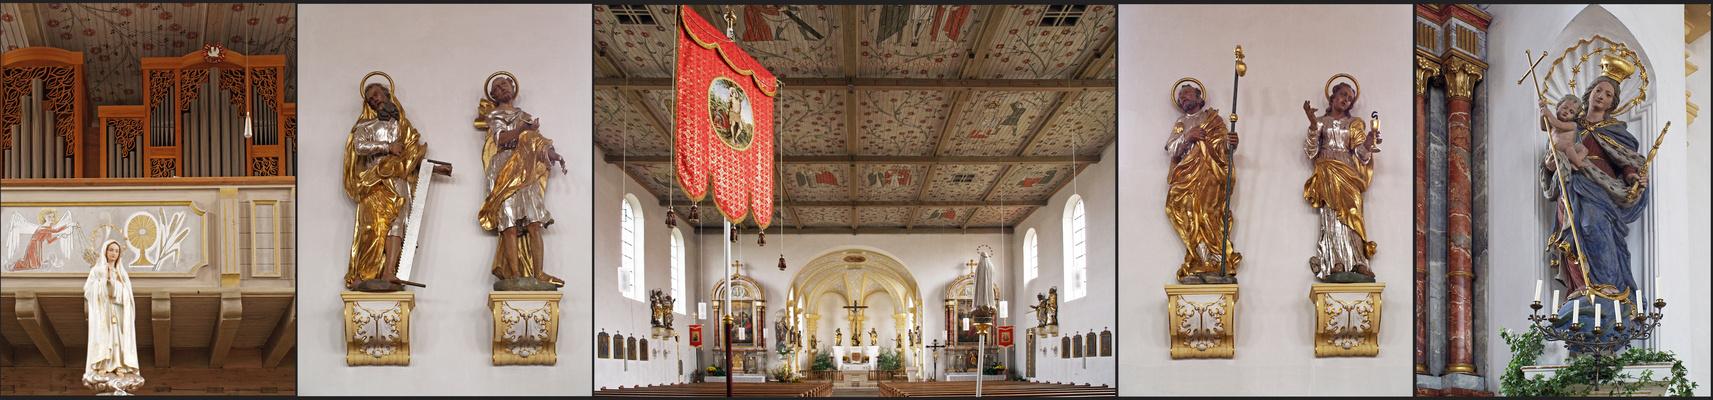 Détais de l'intérieur de l'Eglise de l'Immaculée Conception à Zusmarshausen